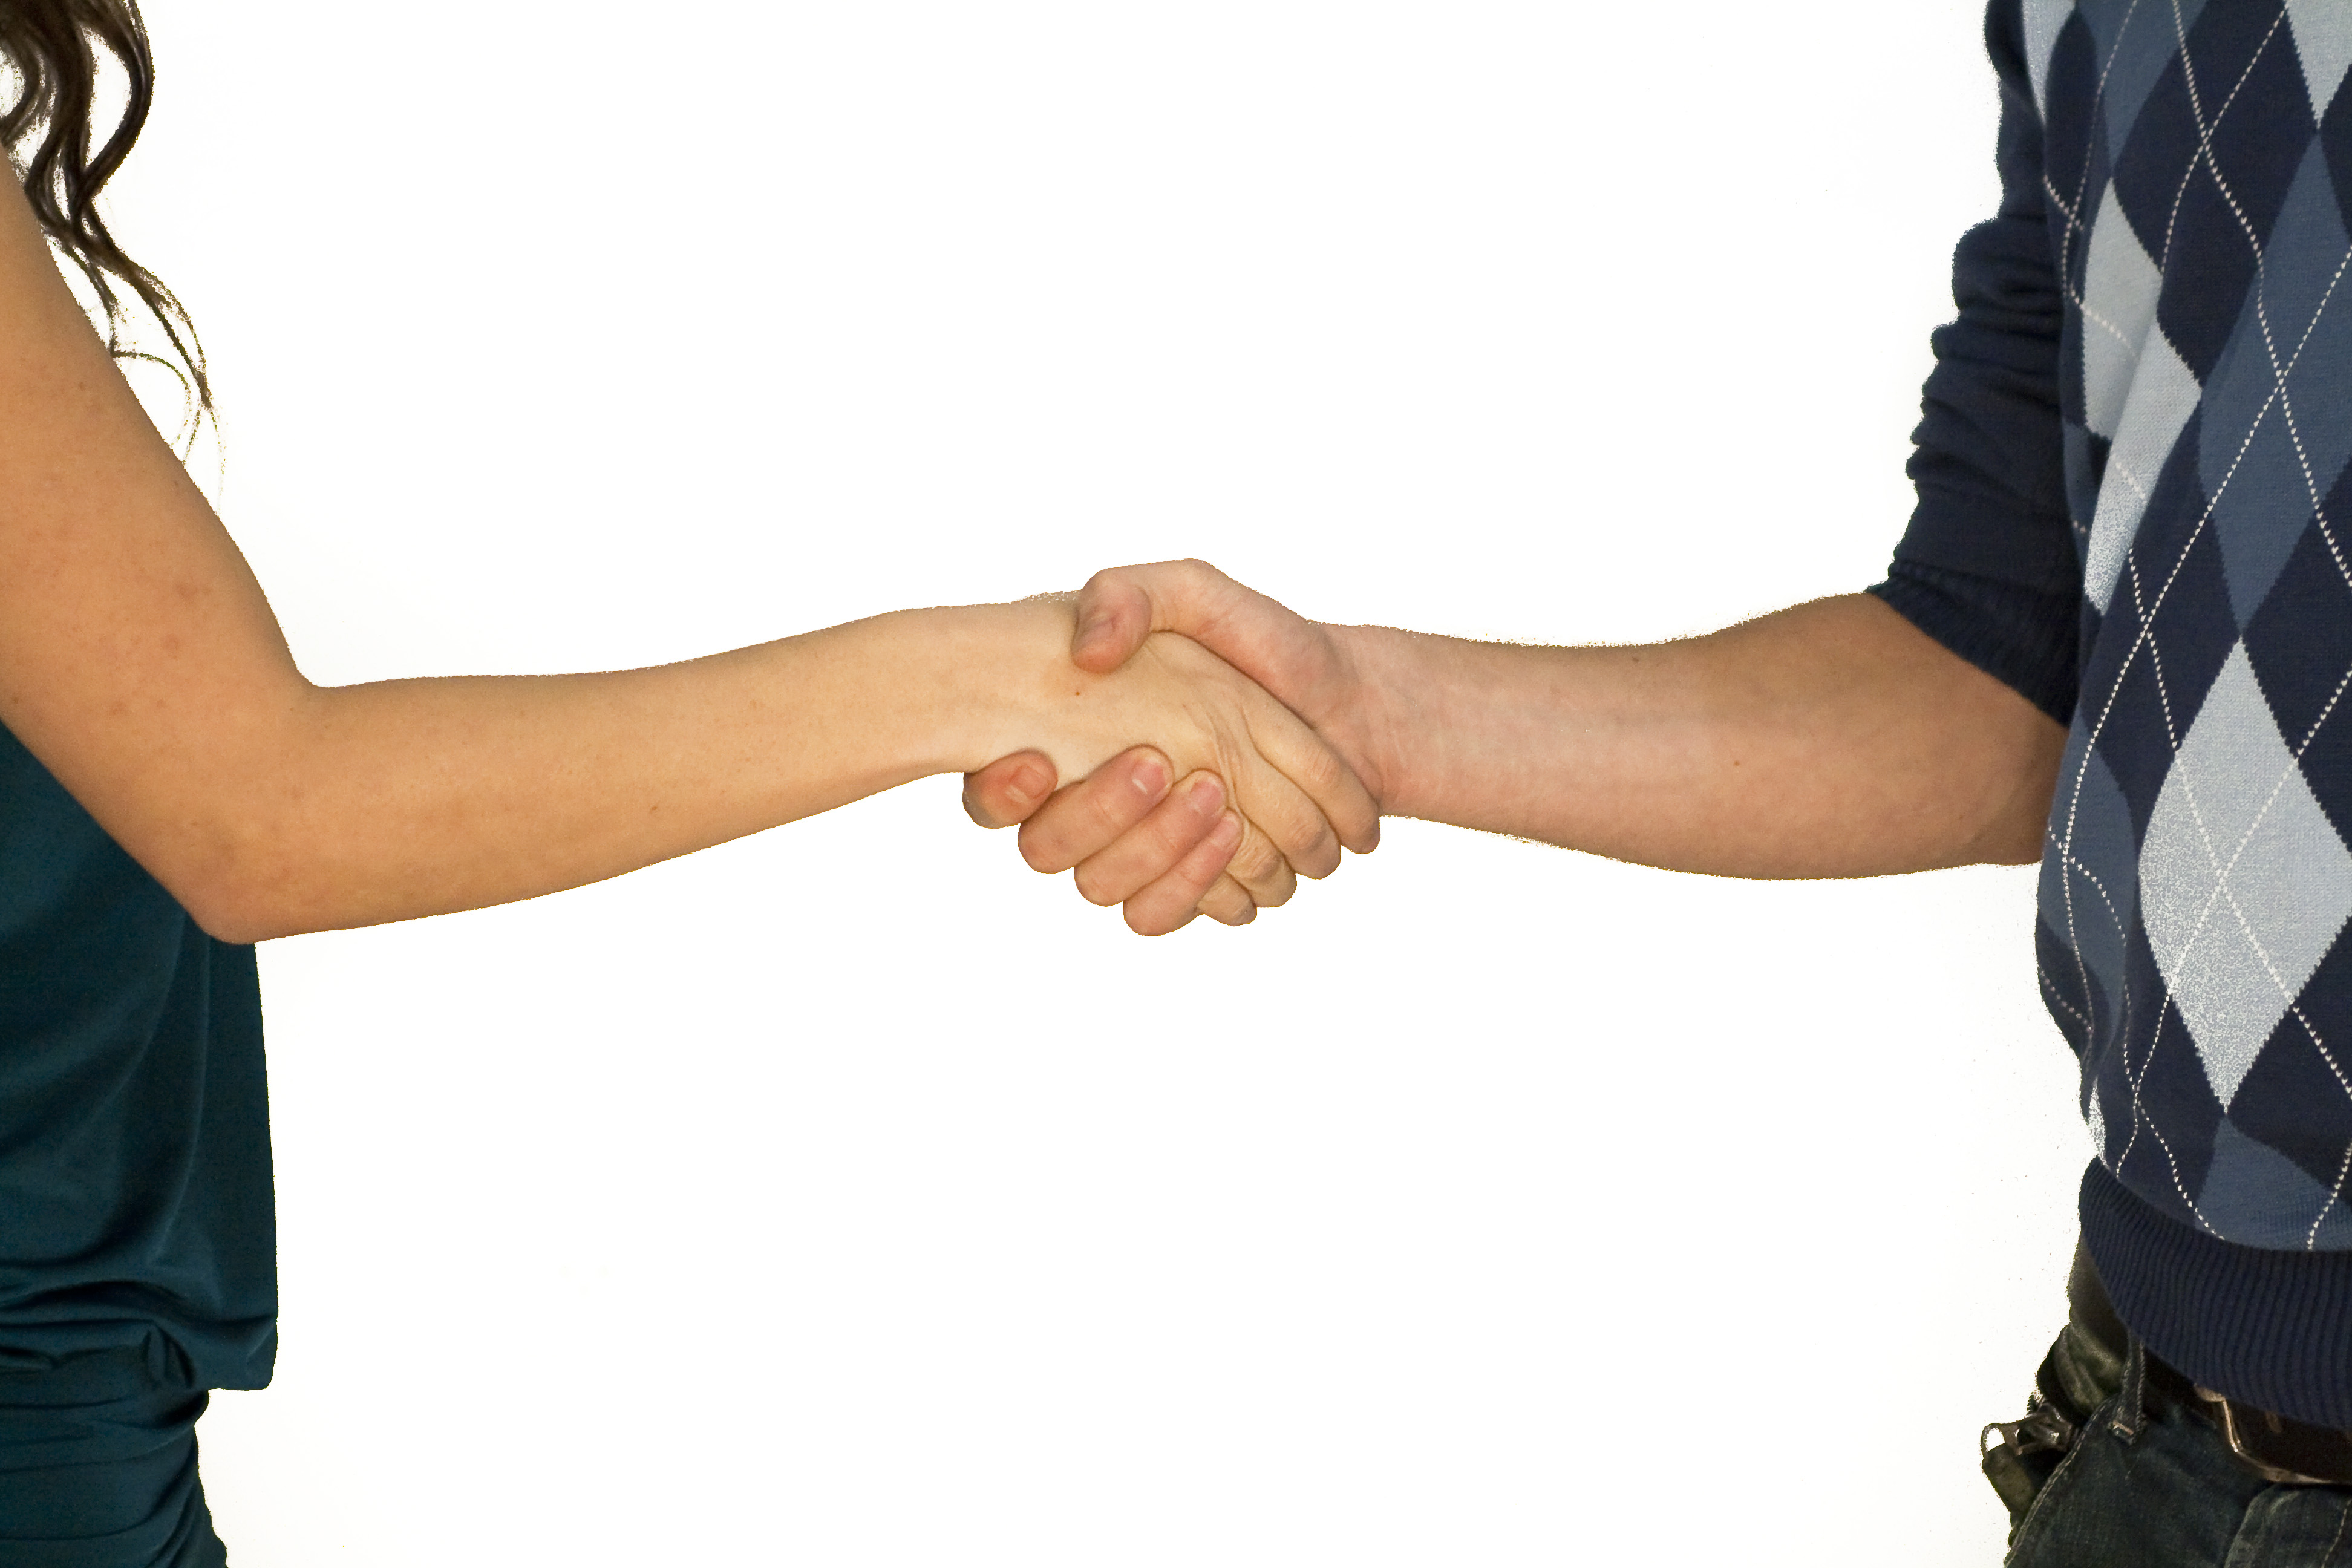 לחיצות ידיים בהיכרות בין אנשים